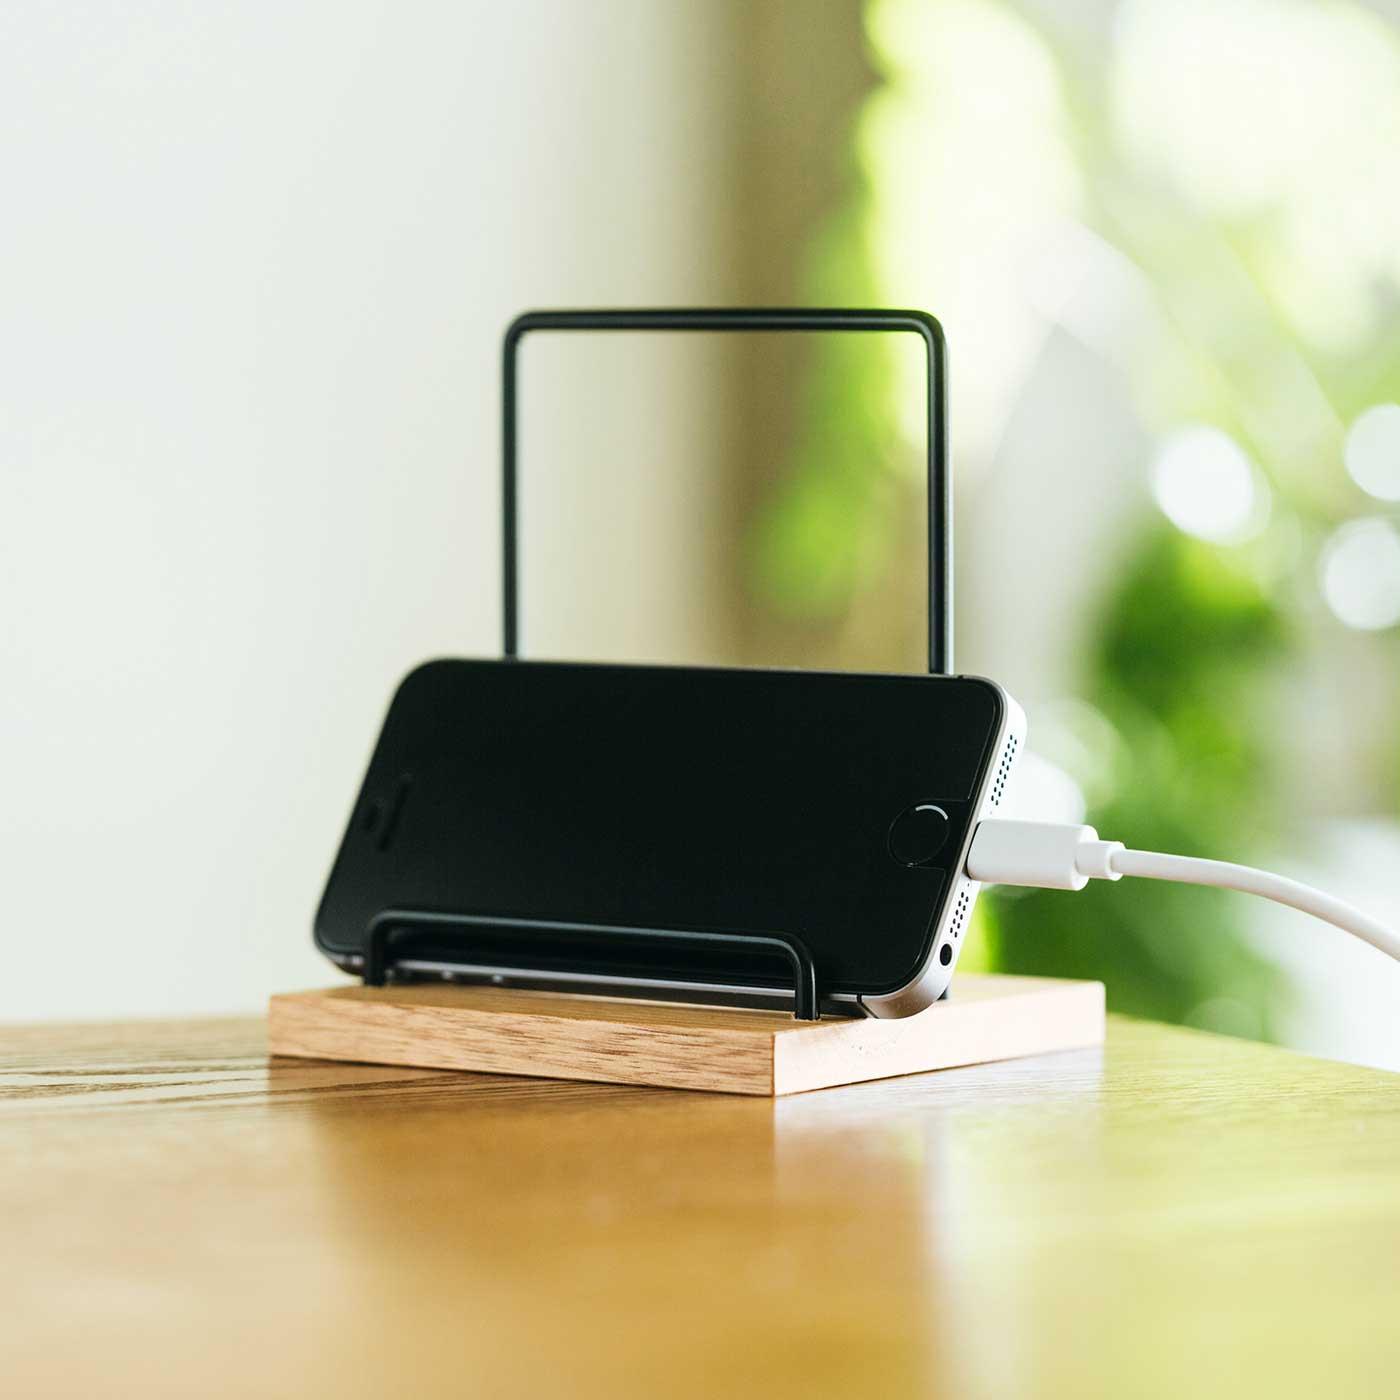 横にすると充電しながら使用可能。